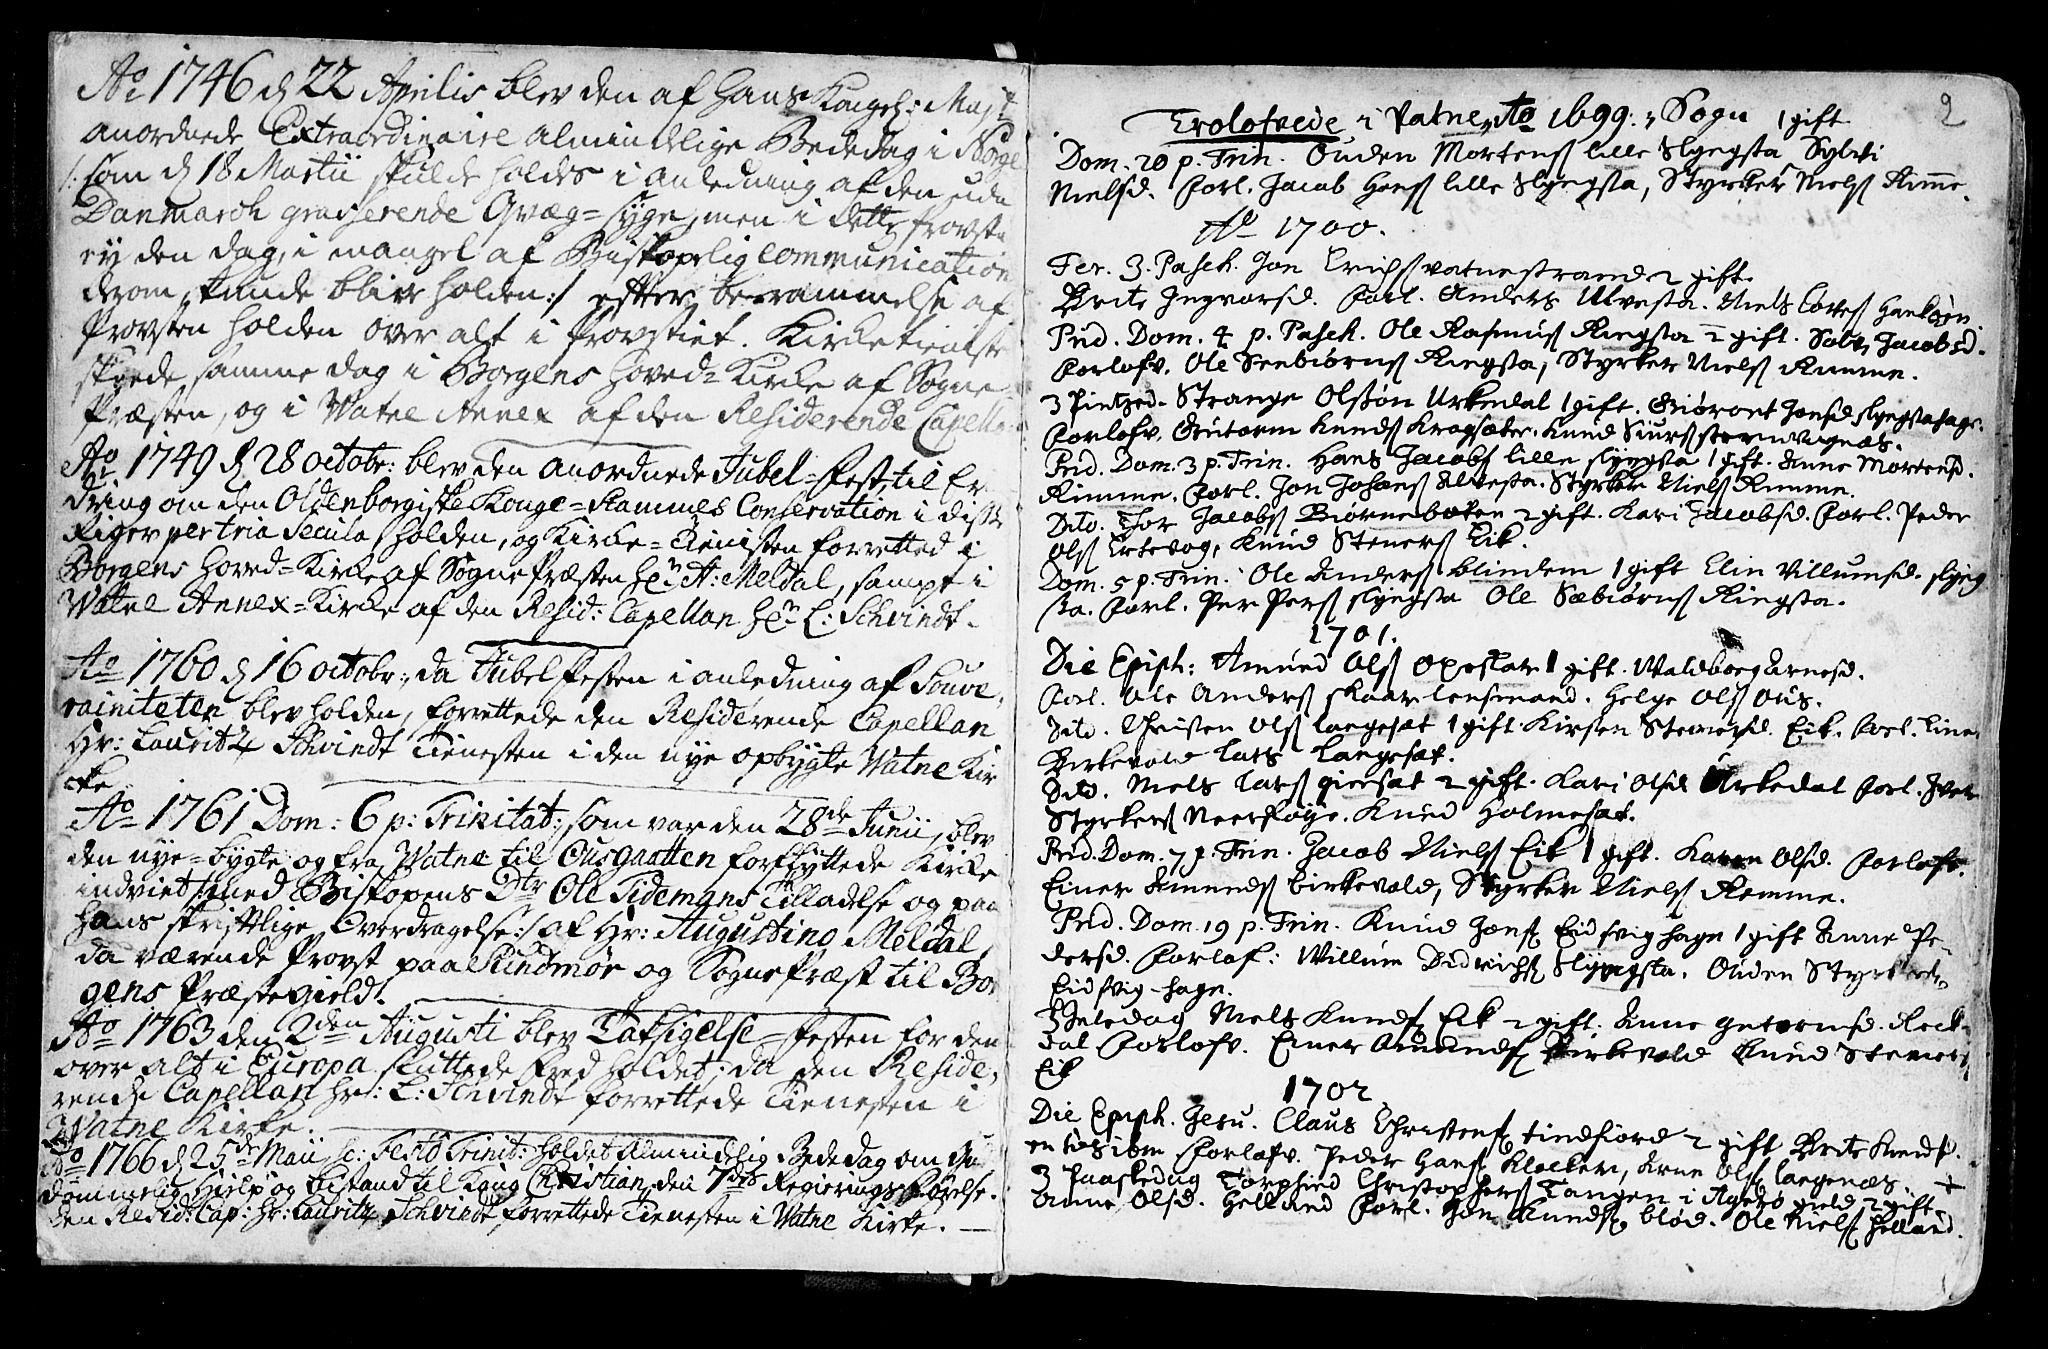 SAT, Ministerialprotokoller, klokkerbøker og fødselsregistre - Møre og Romsdal, 525/L0371: Ministerialbok nr. 525A01, 1699-1777, s. 2